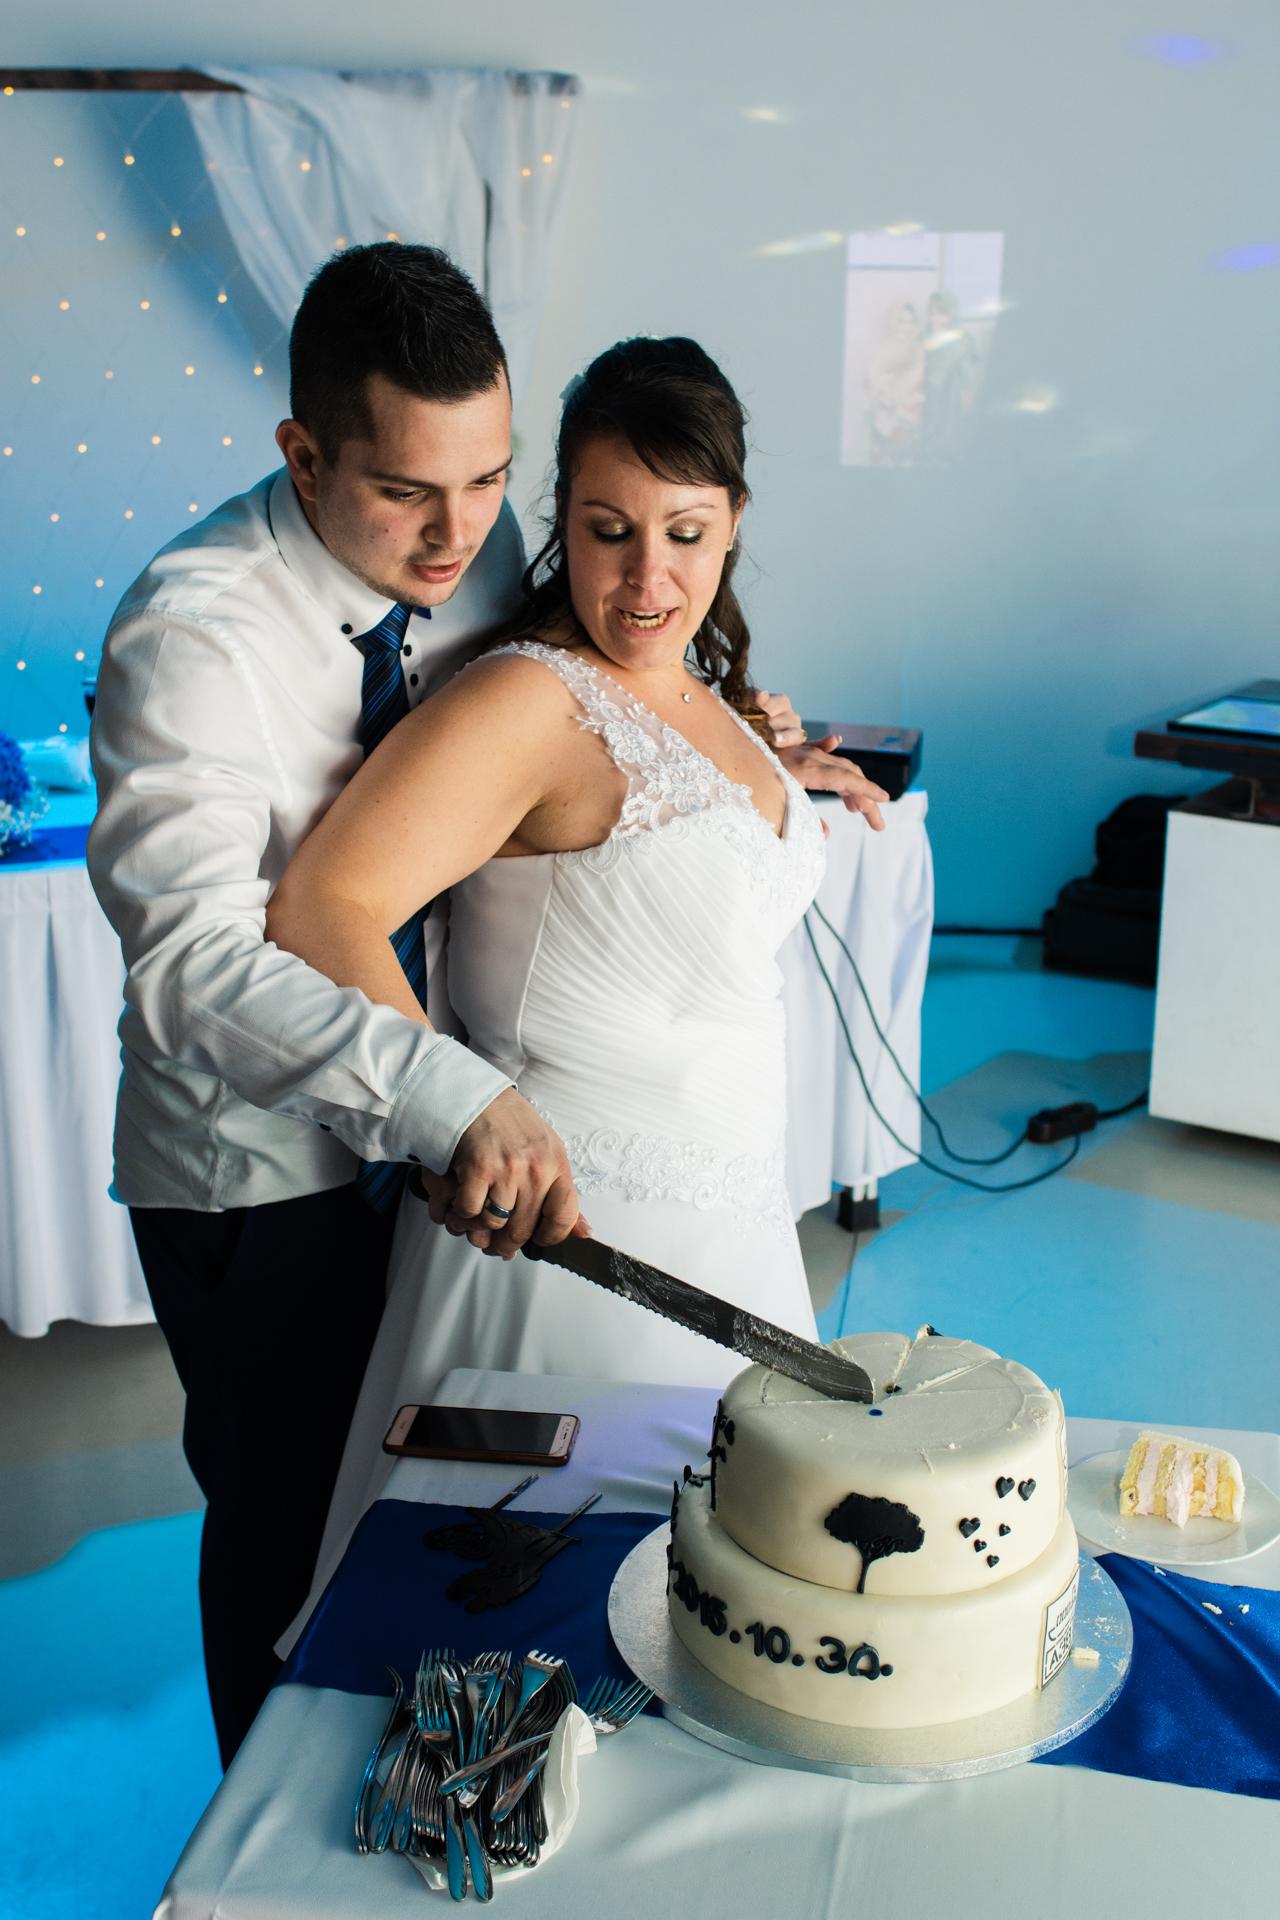 Esti életképek esküvő